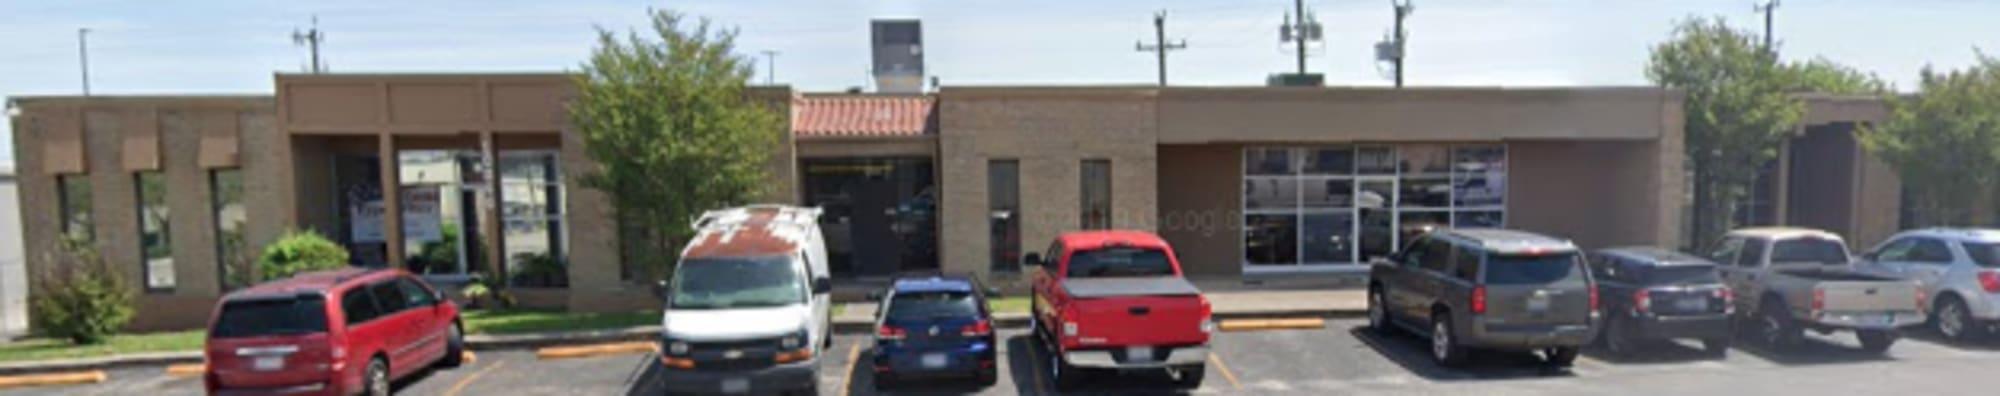 Carlson's Flooring - 10836 Vandale St San Antonio, TX 78216